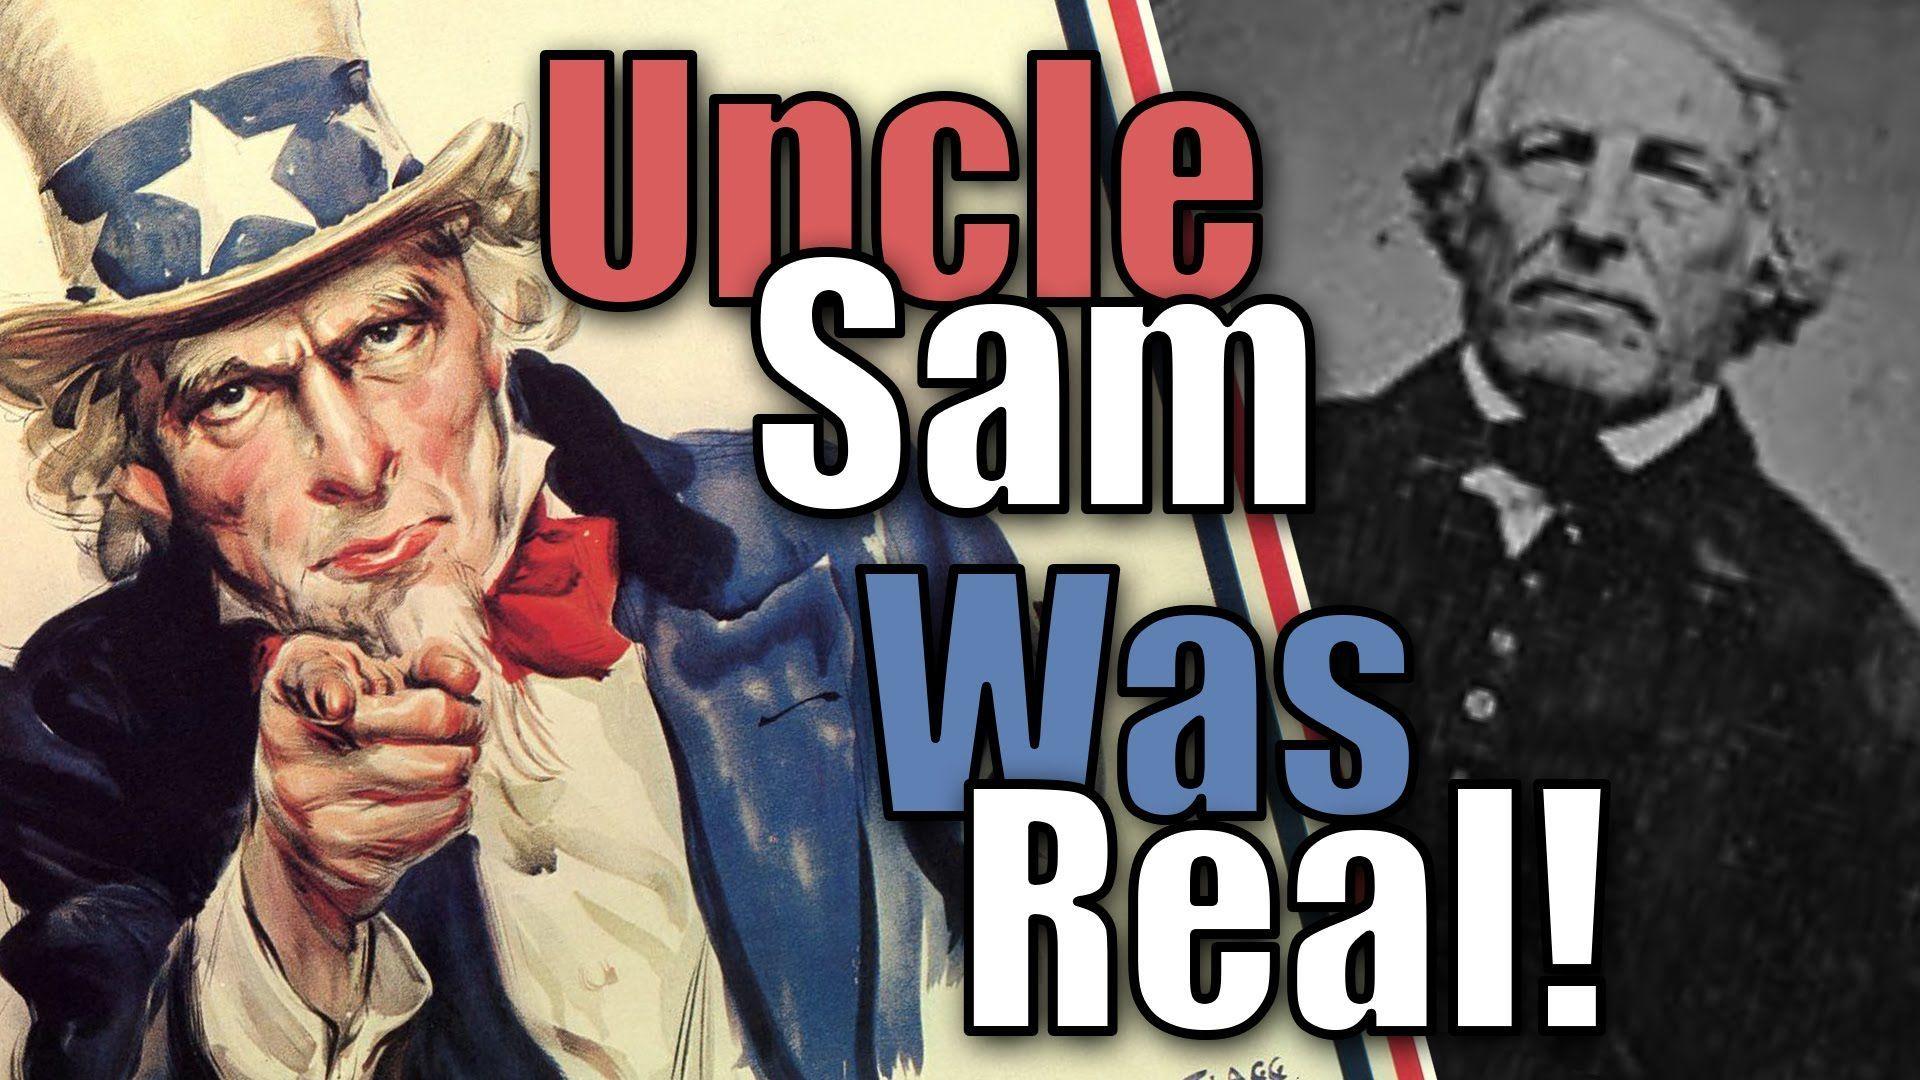 अंकल सैम दूर के..., आप खाएं थाली में, भारत को दें प्याली में!